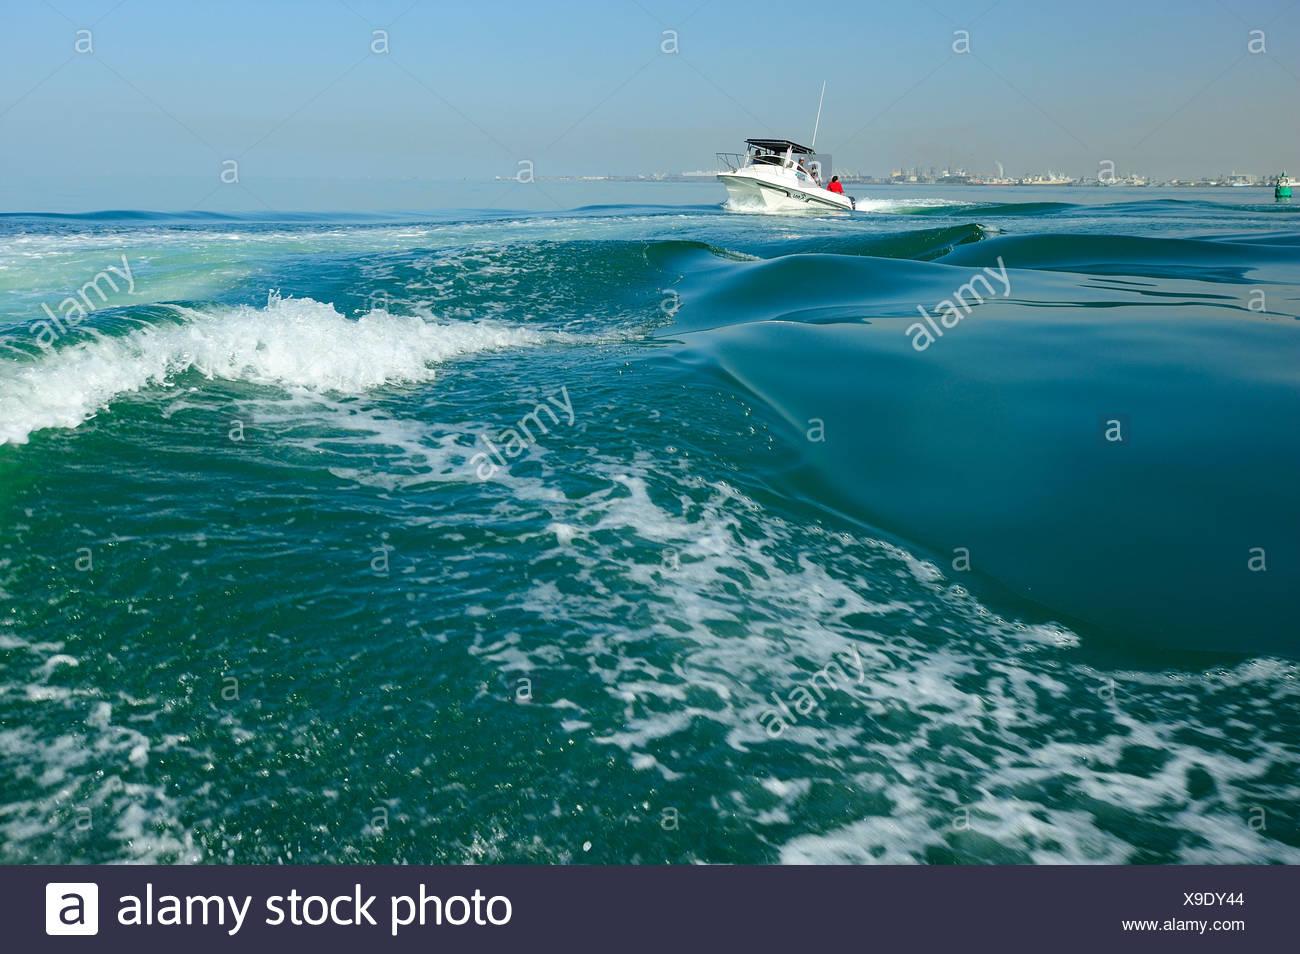 África, Namibia, el barco, el mar, las olas, Imagen De Stock